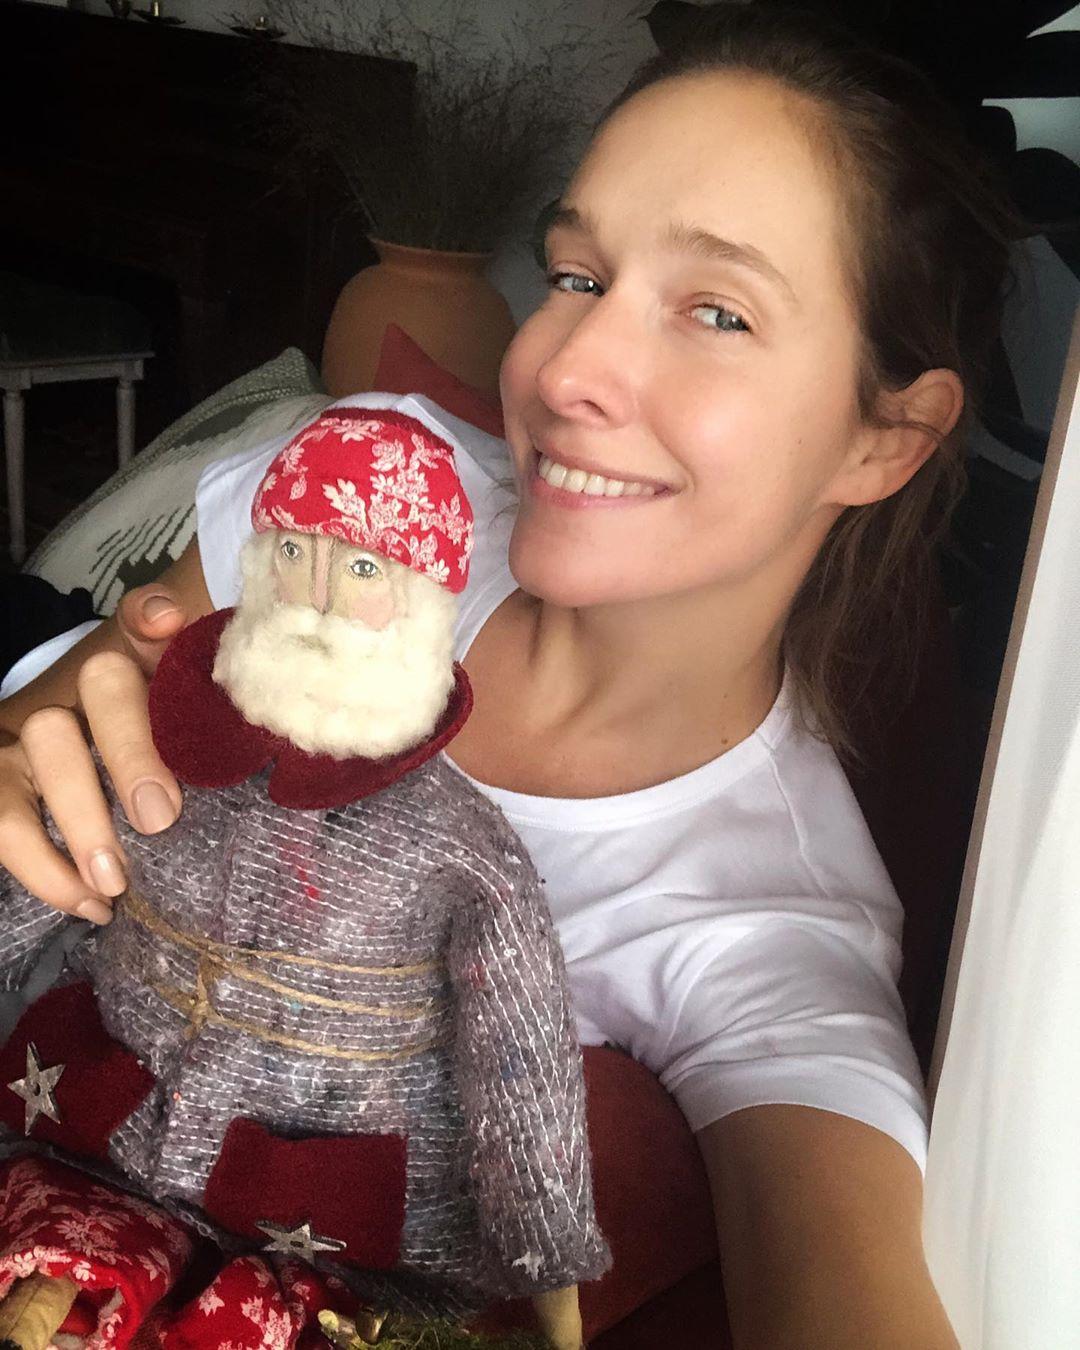 Катя Осадча без макіяжу і в компанії святого Миколая зачарувала підготовкою до Нового 2020 року